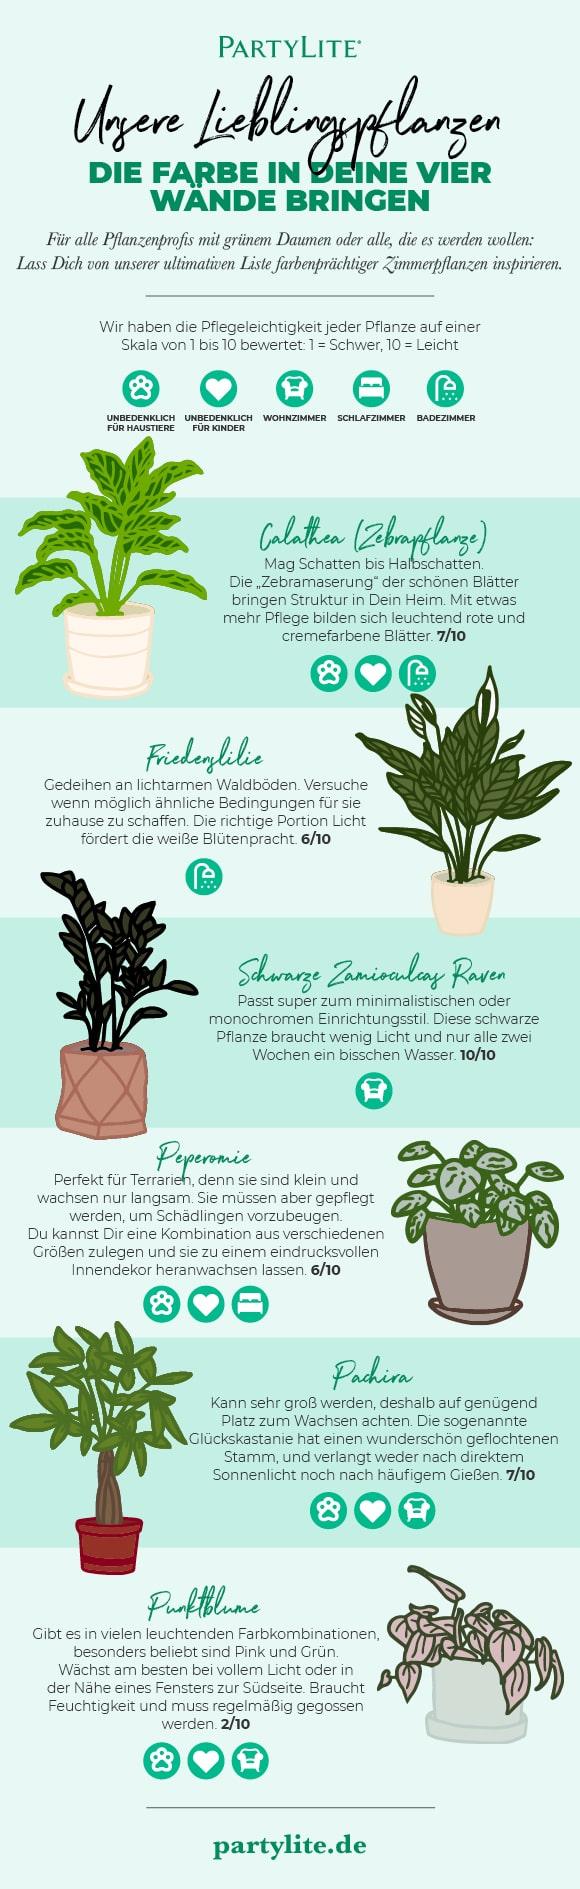 Unsere Lieblingspflanzen, die Farbe in Deine vier Wände bringen